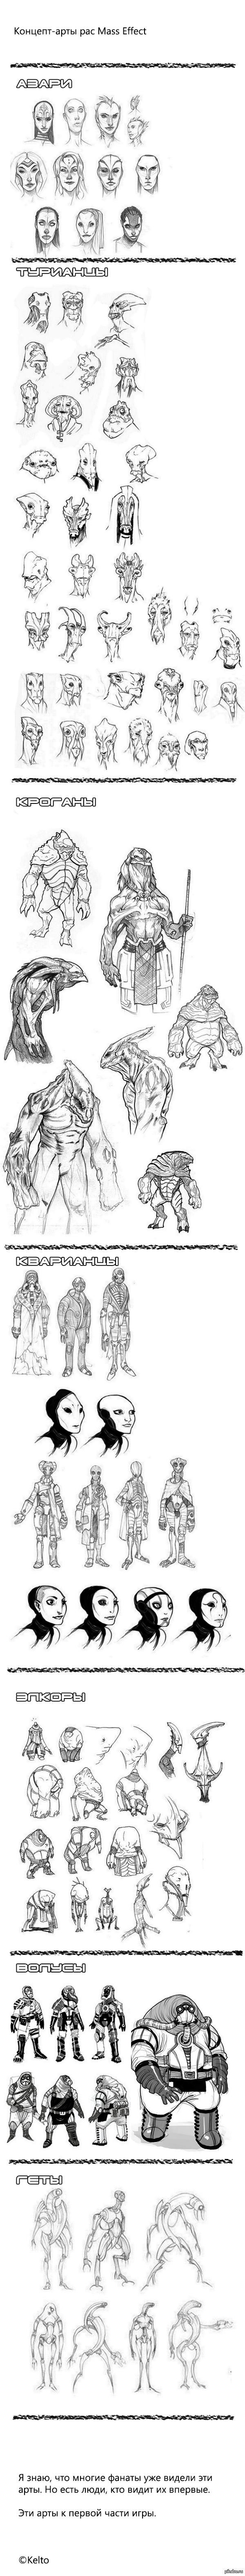 [Mass Effect] Концепт-арты рас Несколько набросков для рас МЭ от художников BioWare